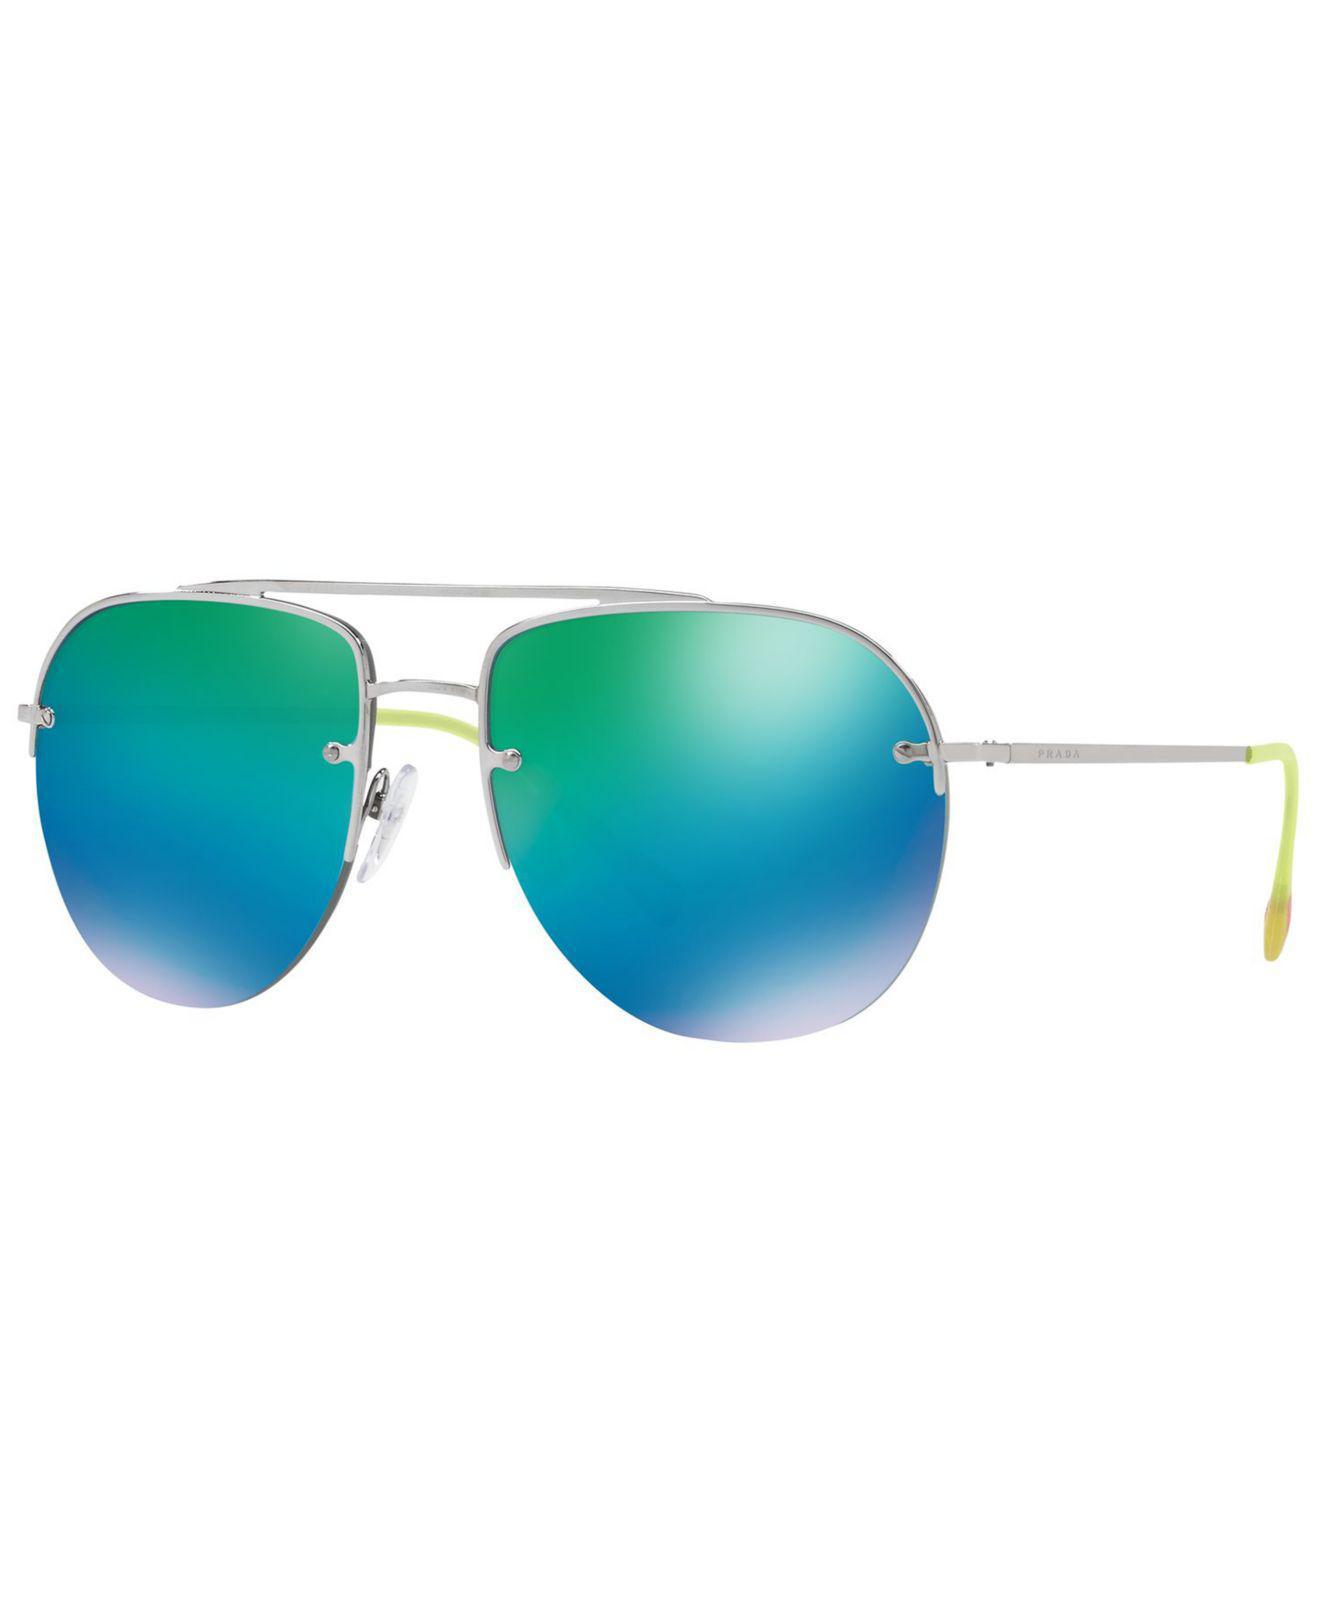 400f8c30a4a7 Prada. Women s Sunglasses ...